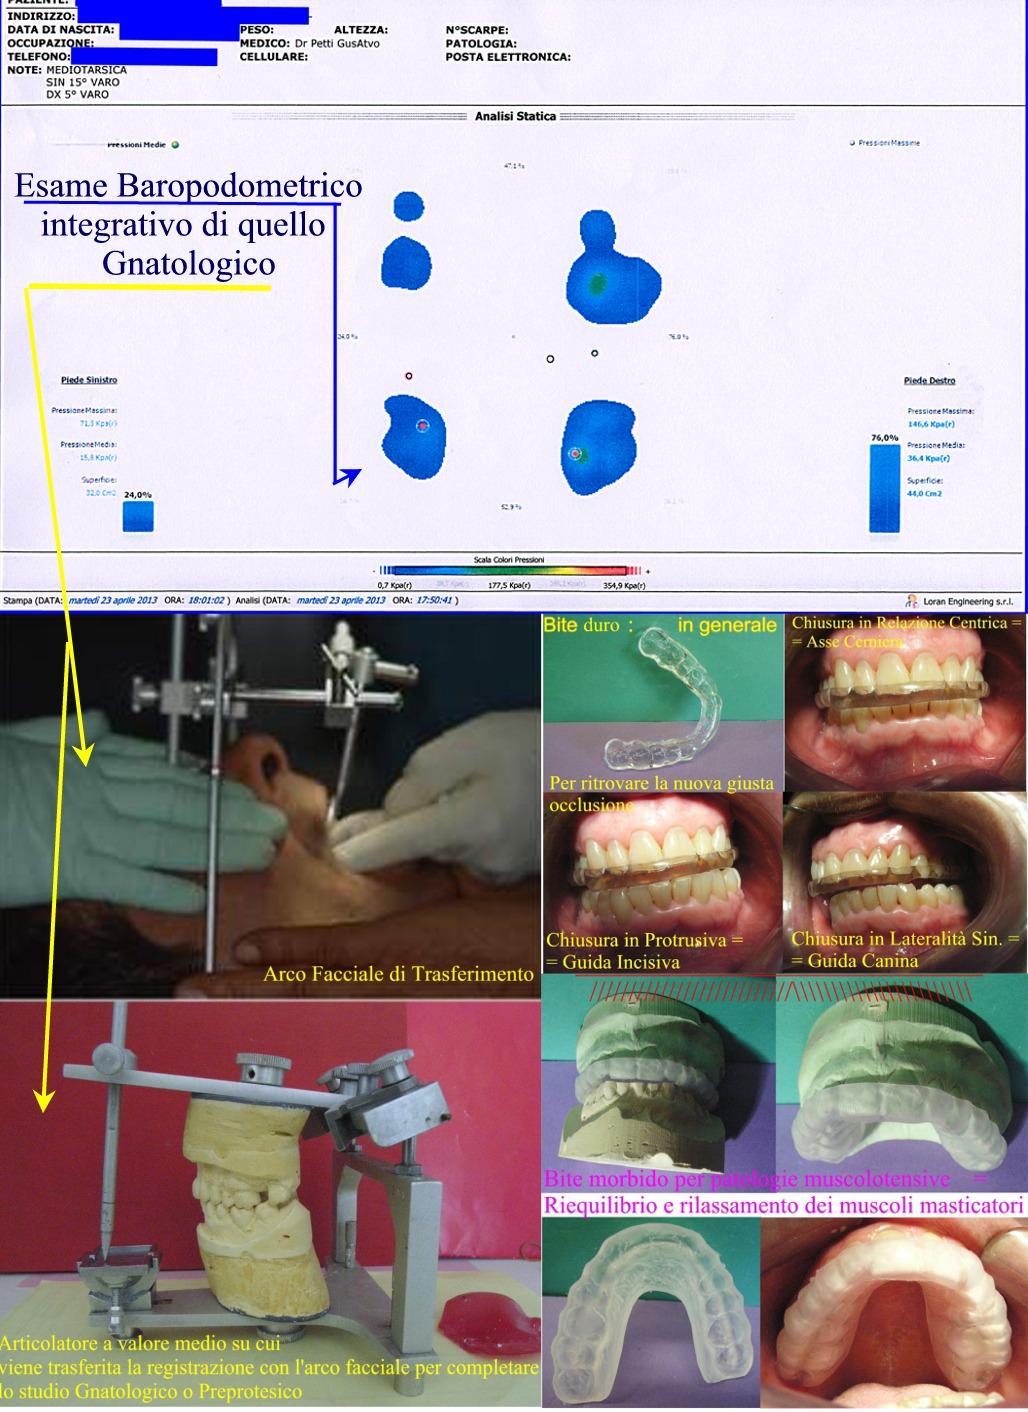 Arca Facciale di Trasferimento, Stabilometria Computerizzata, Vari tipi di Bite come Es di parte di Visita Gnatologica. Da Dr. Gustavo Petti Parodontologo Gnatologo Riabilitazione Orale Completa in Casi Clinici Complessi, di Cagliari